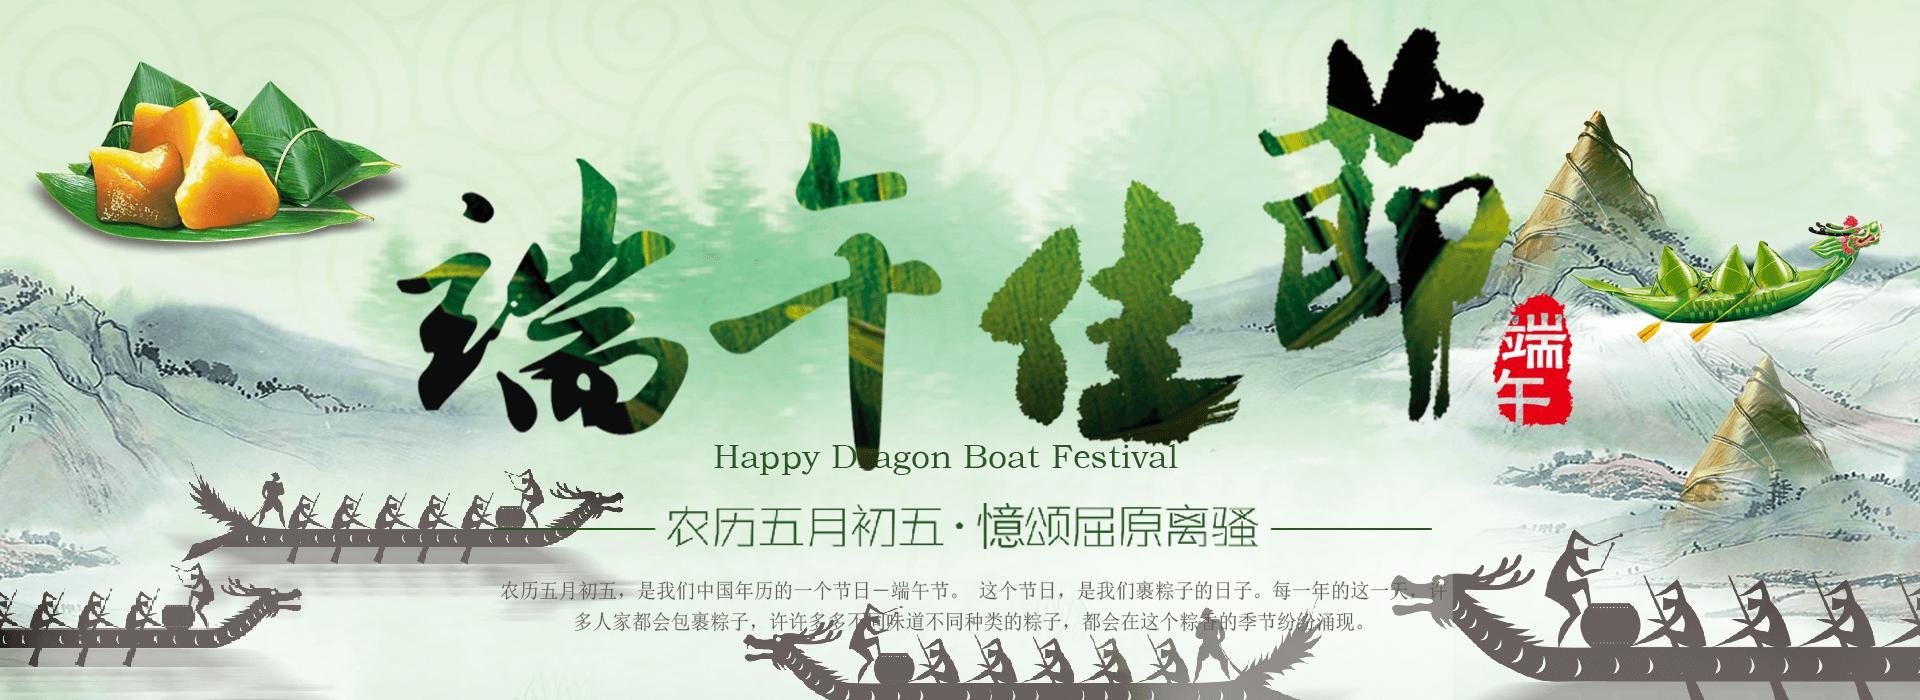 农历五月初五 · 浓情端午节